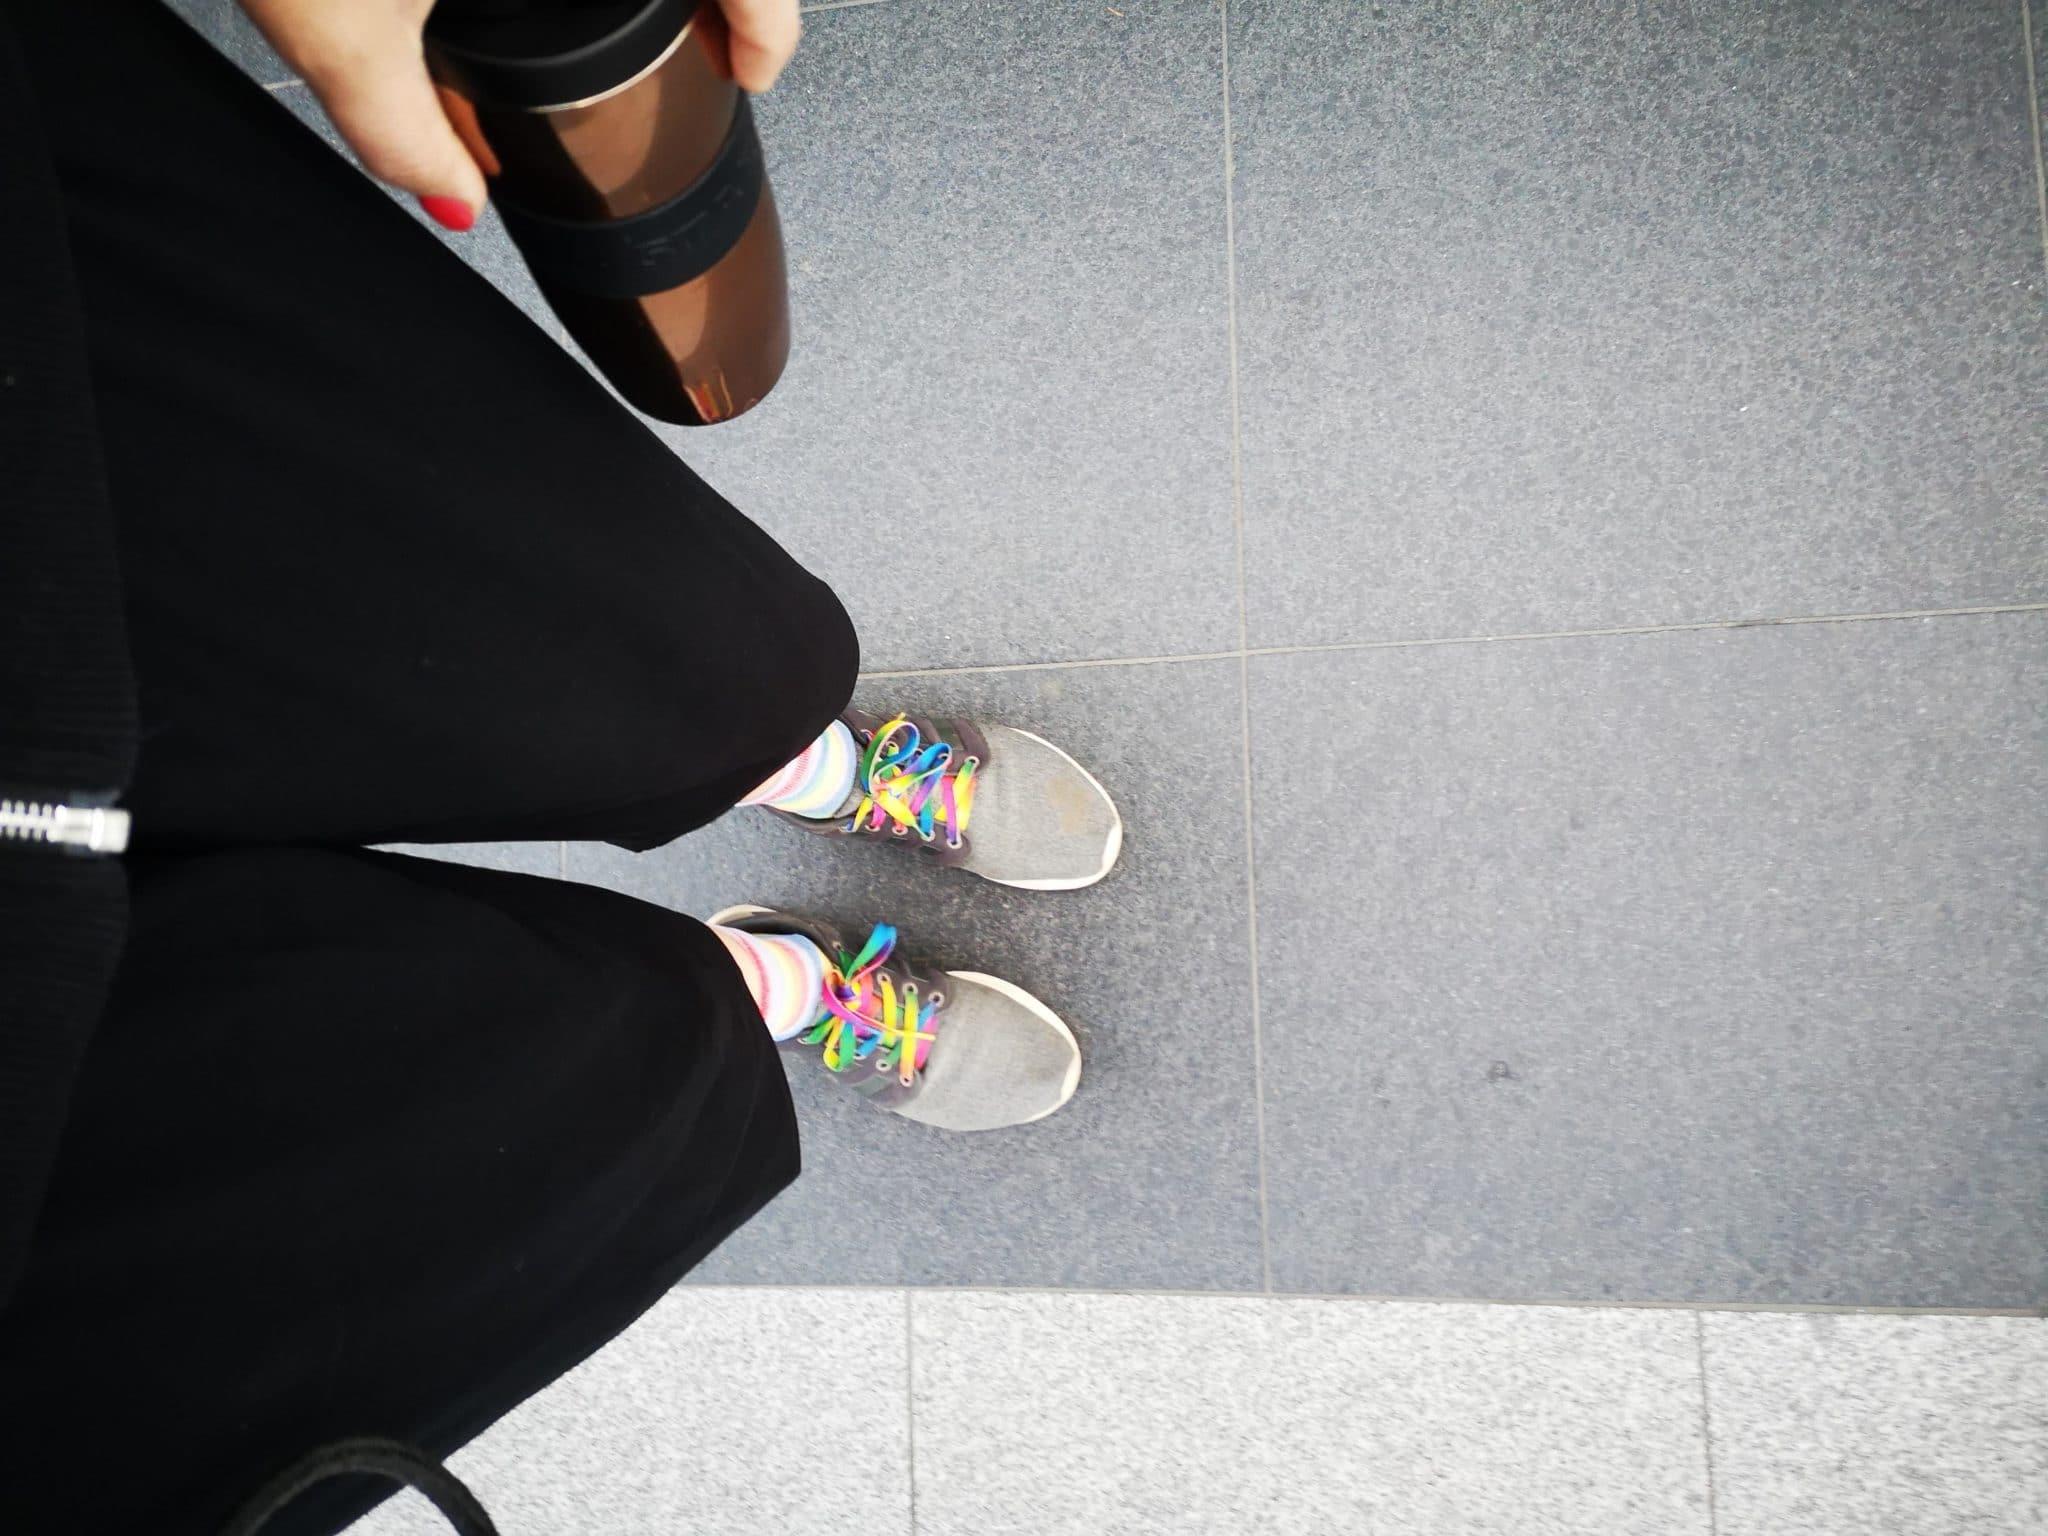 Frau mit Kaffee in der Hand und Regenbogenschnürsenkeln